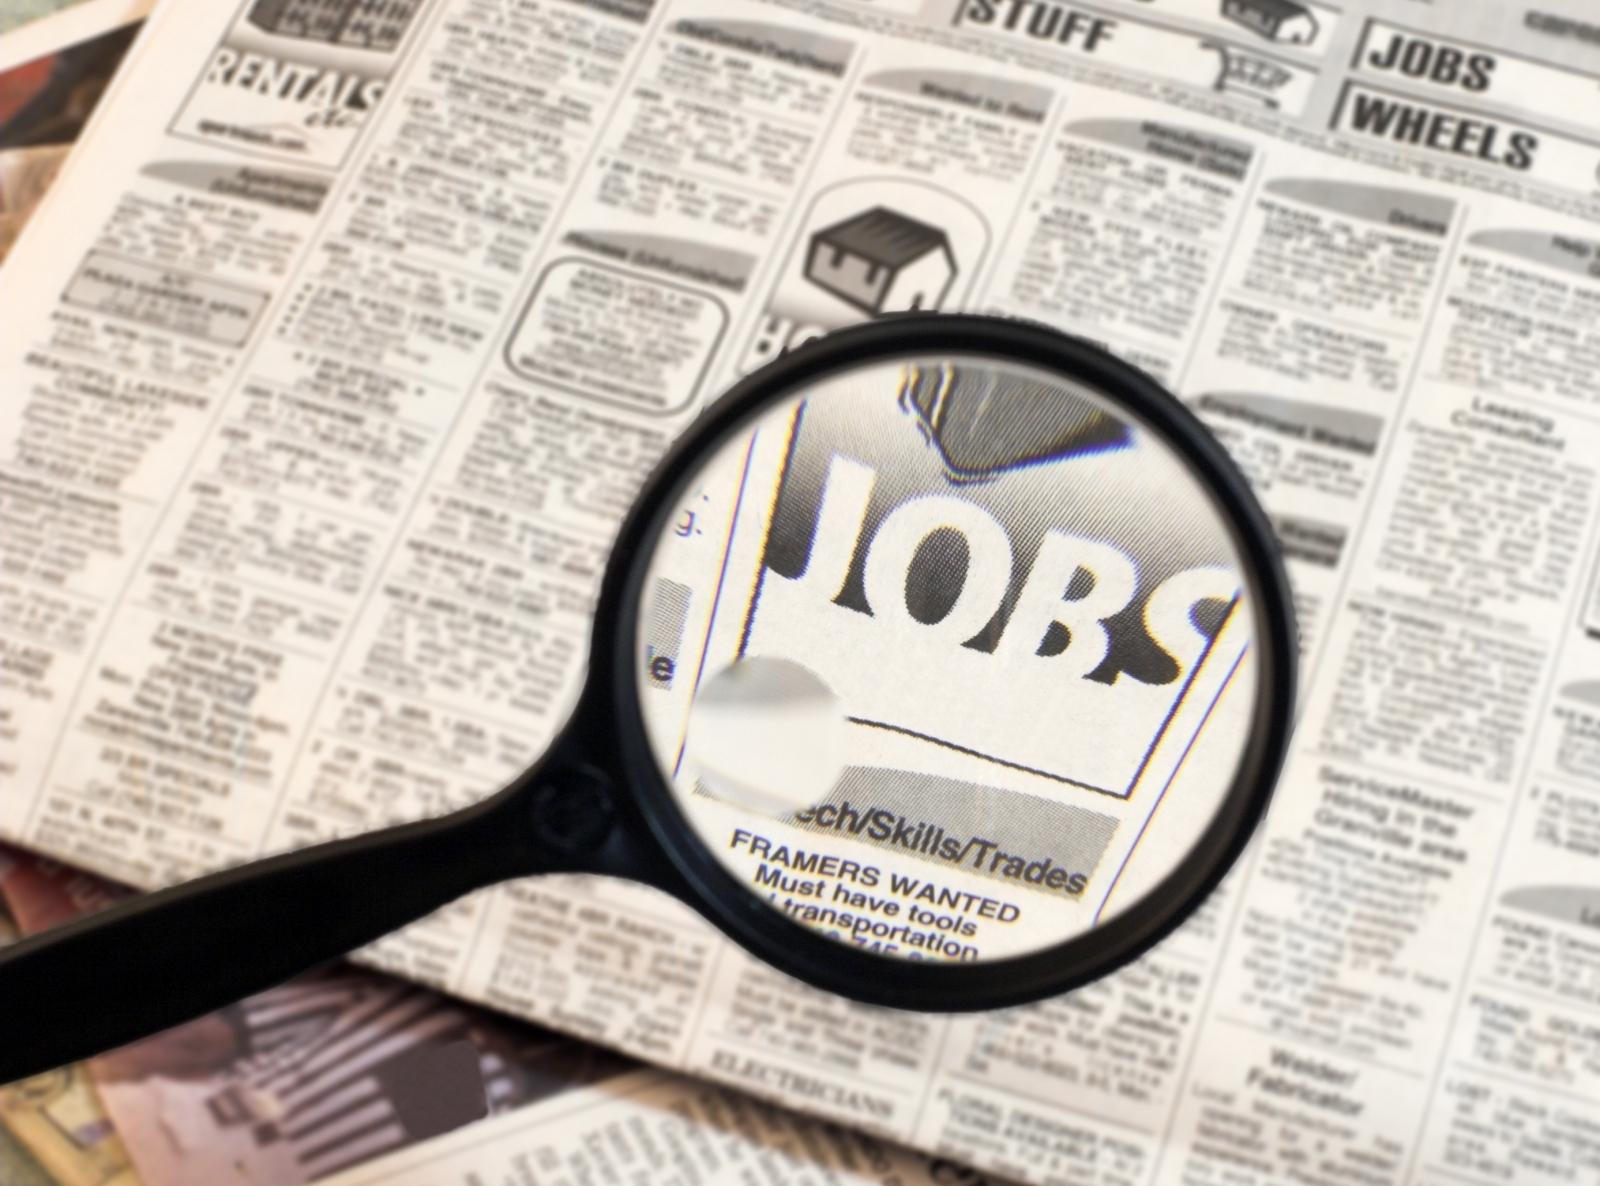 Cerchi offerte di lavoro? Ecco alcuni siti che potrebbero tornarti utili.